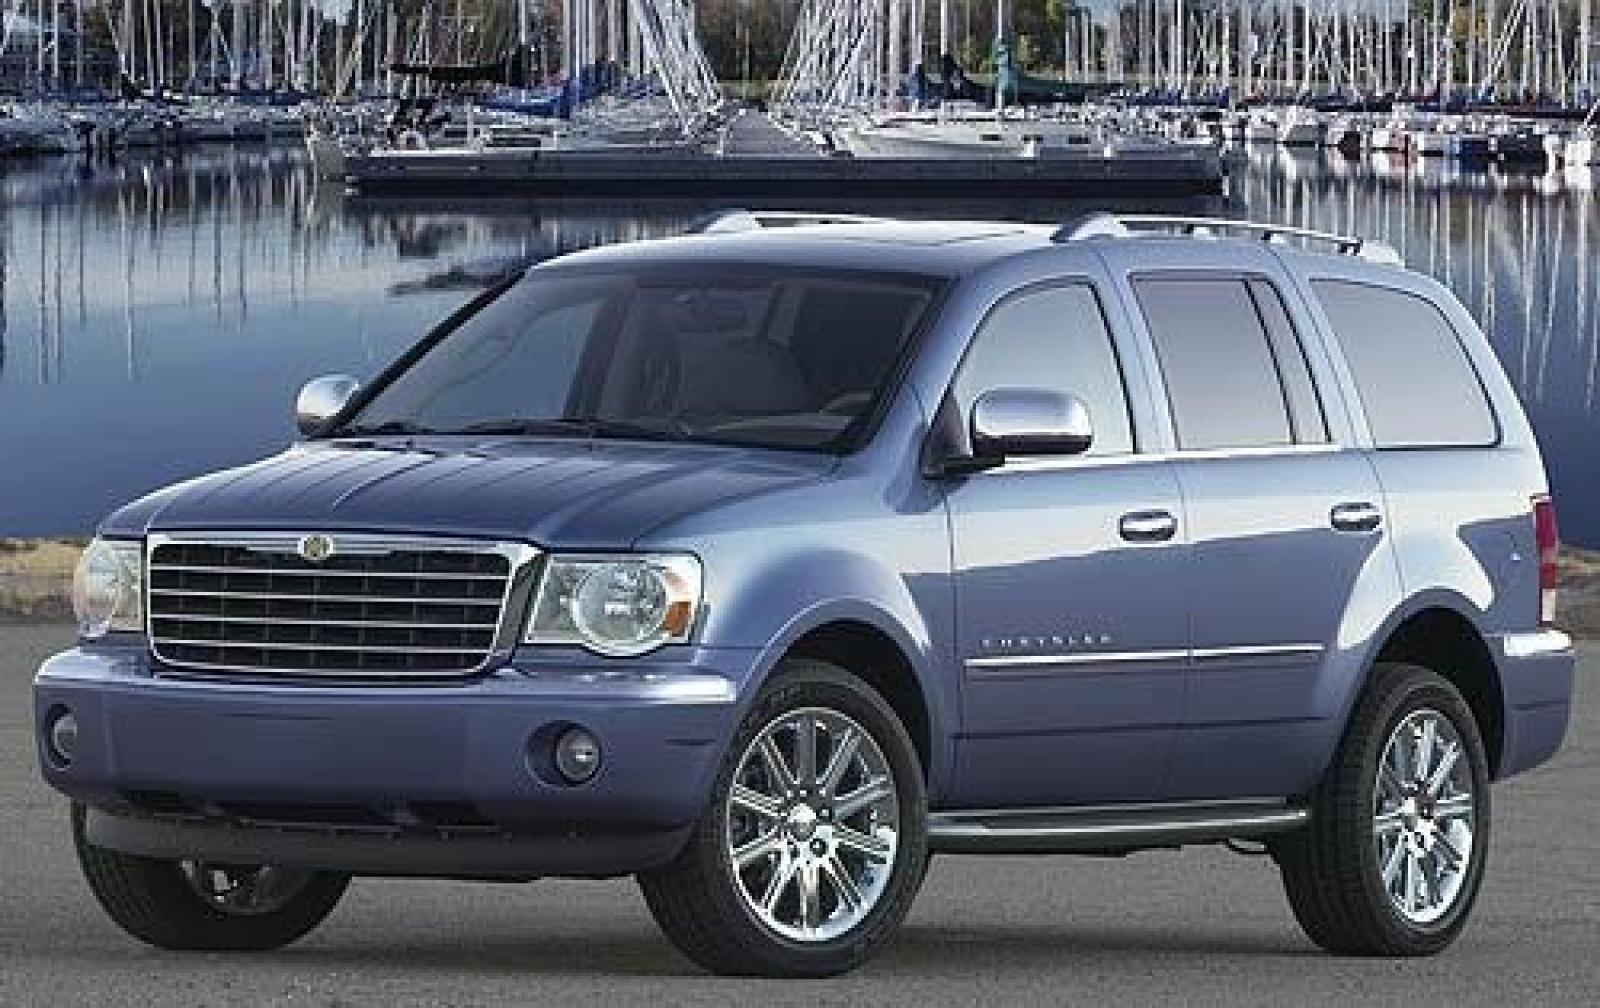 2008 Chrysler Aspen 1 800 1024 1280 1600 Origin